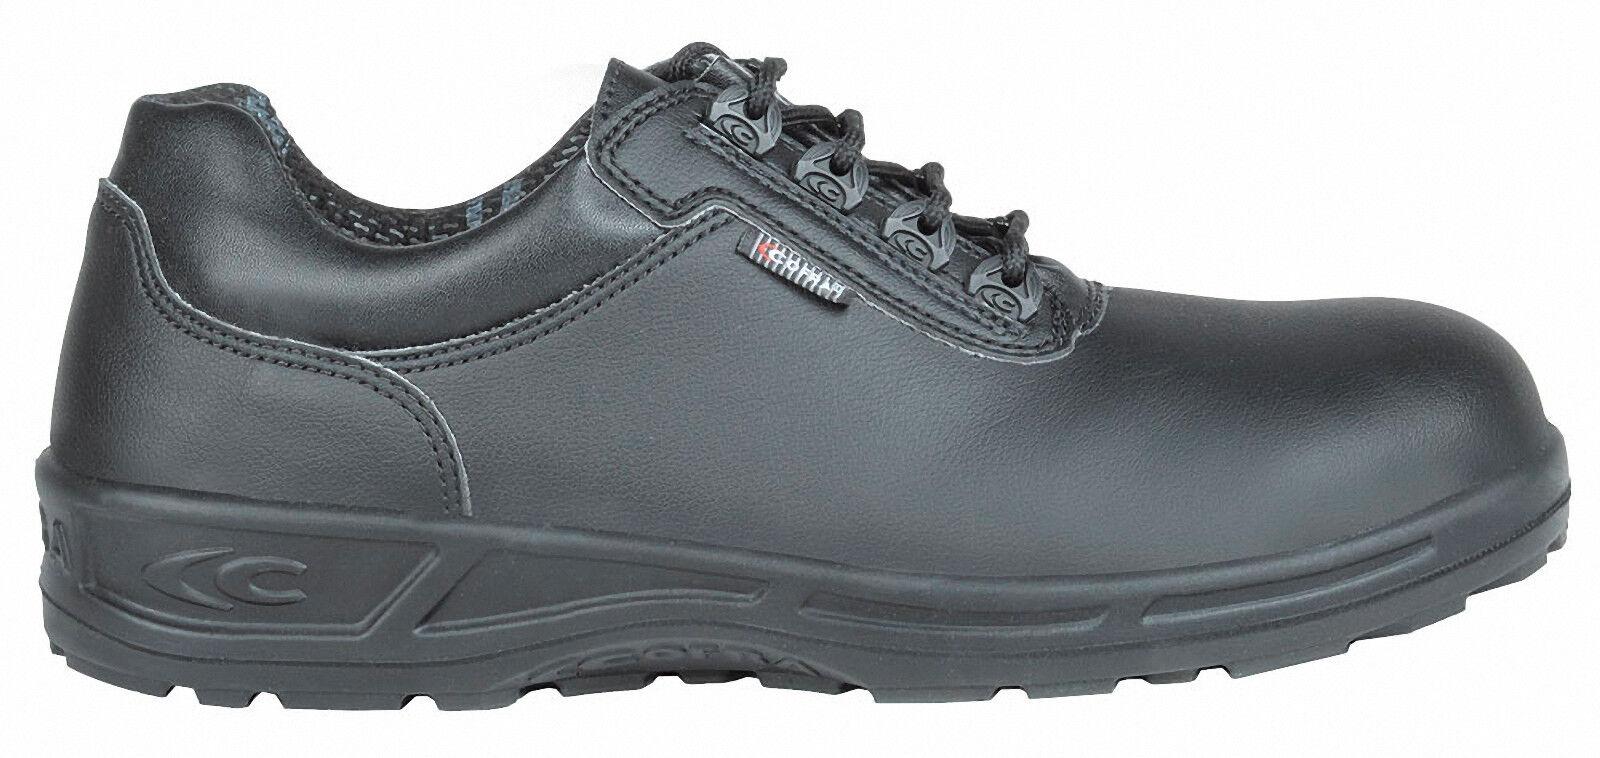 Berufsschuh Cofra PHARM Arbeitsschuhe S2 schwarz schwarz Gr. 39-48  | Elegante Form